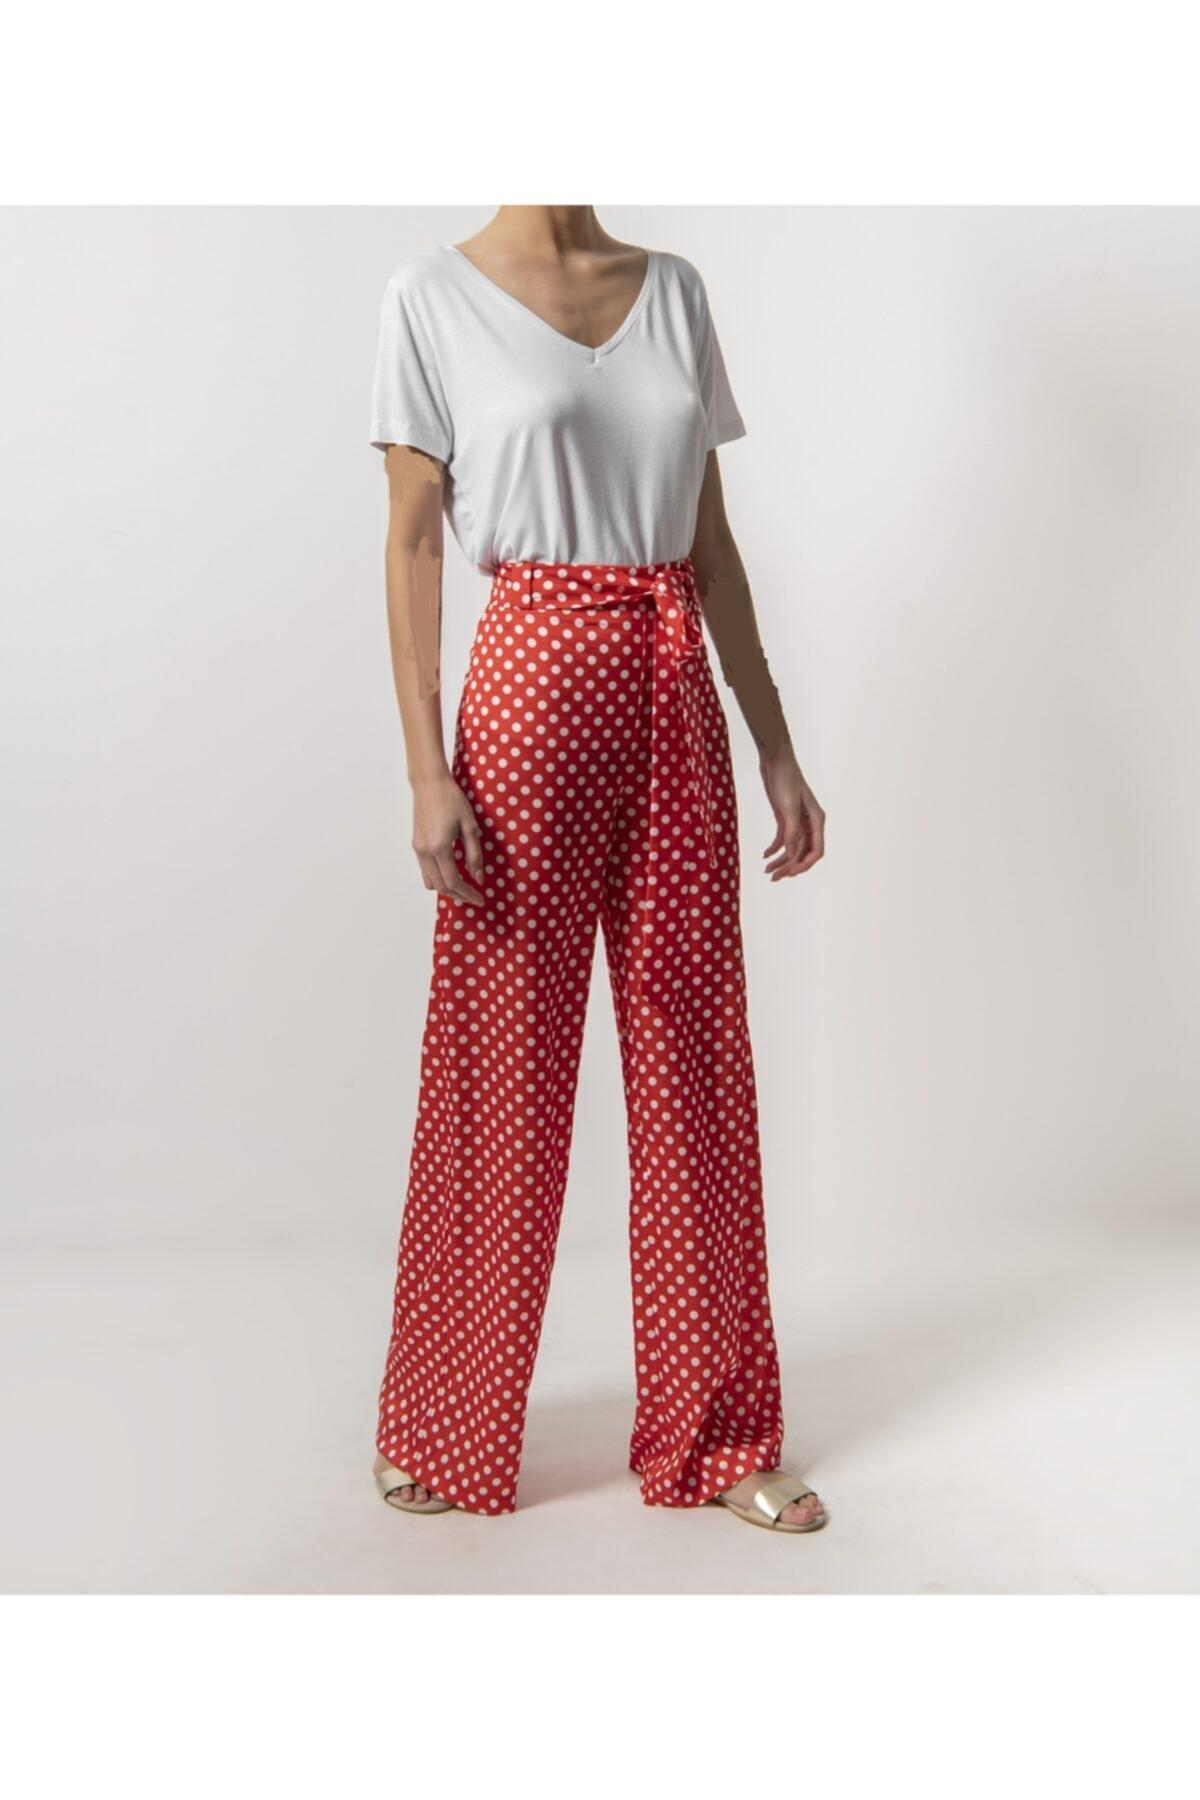 DEDUCHE Kırmızı Üzeri Beyaz Puantiyeli Belden Bağlamalı Ispanyol Paça Saten Pantolon 1